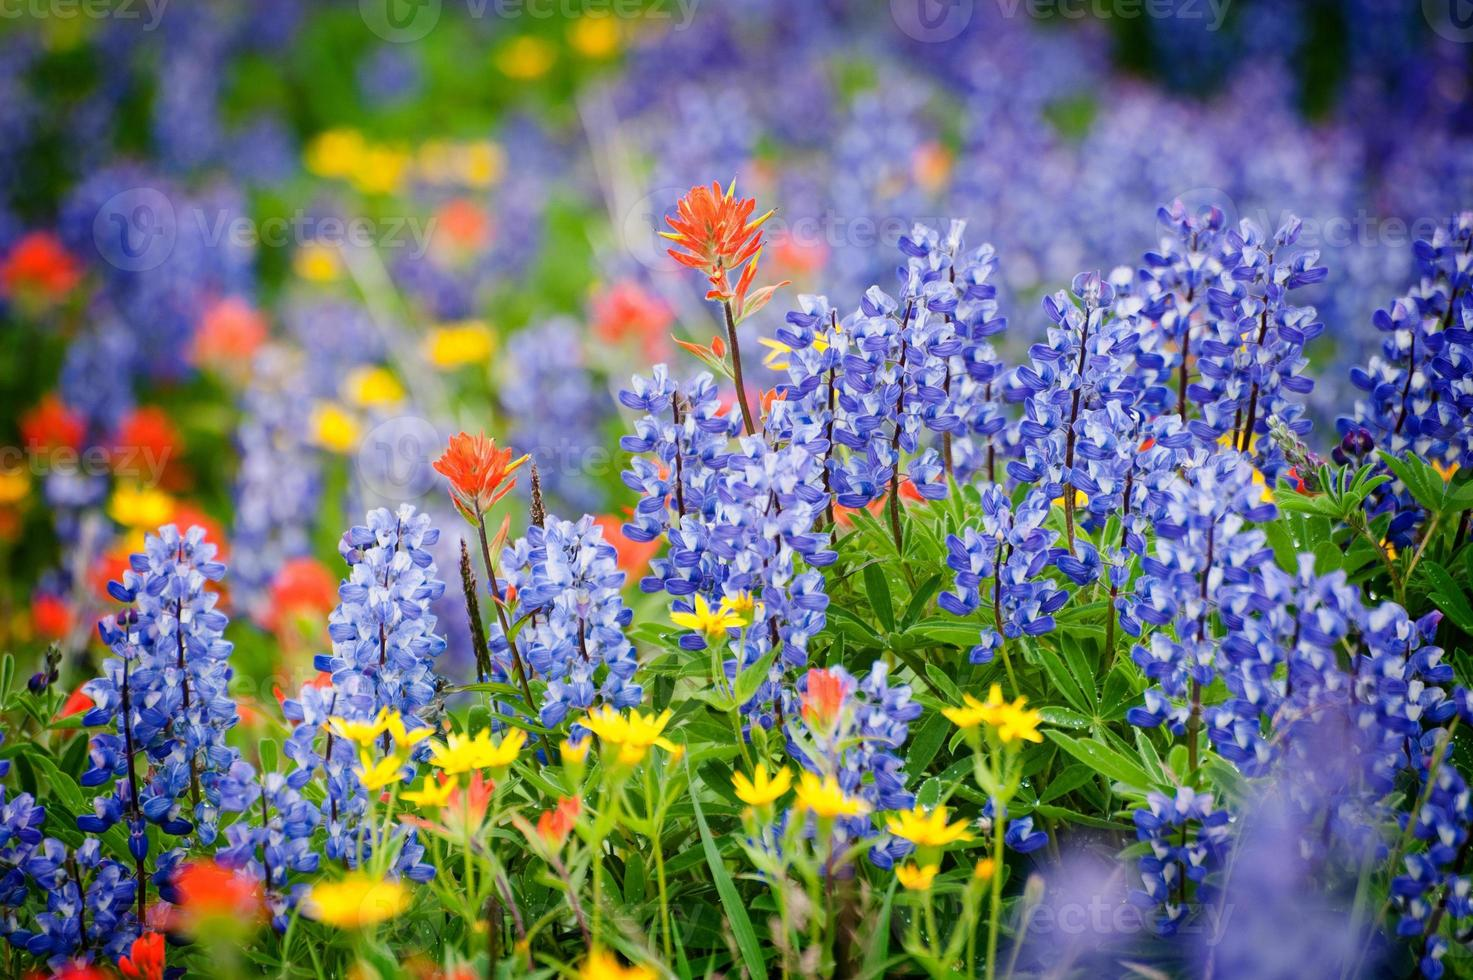 fiori di campo cresta eliotropio. foto